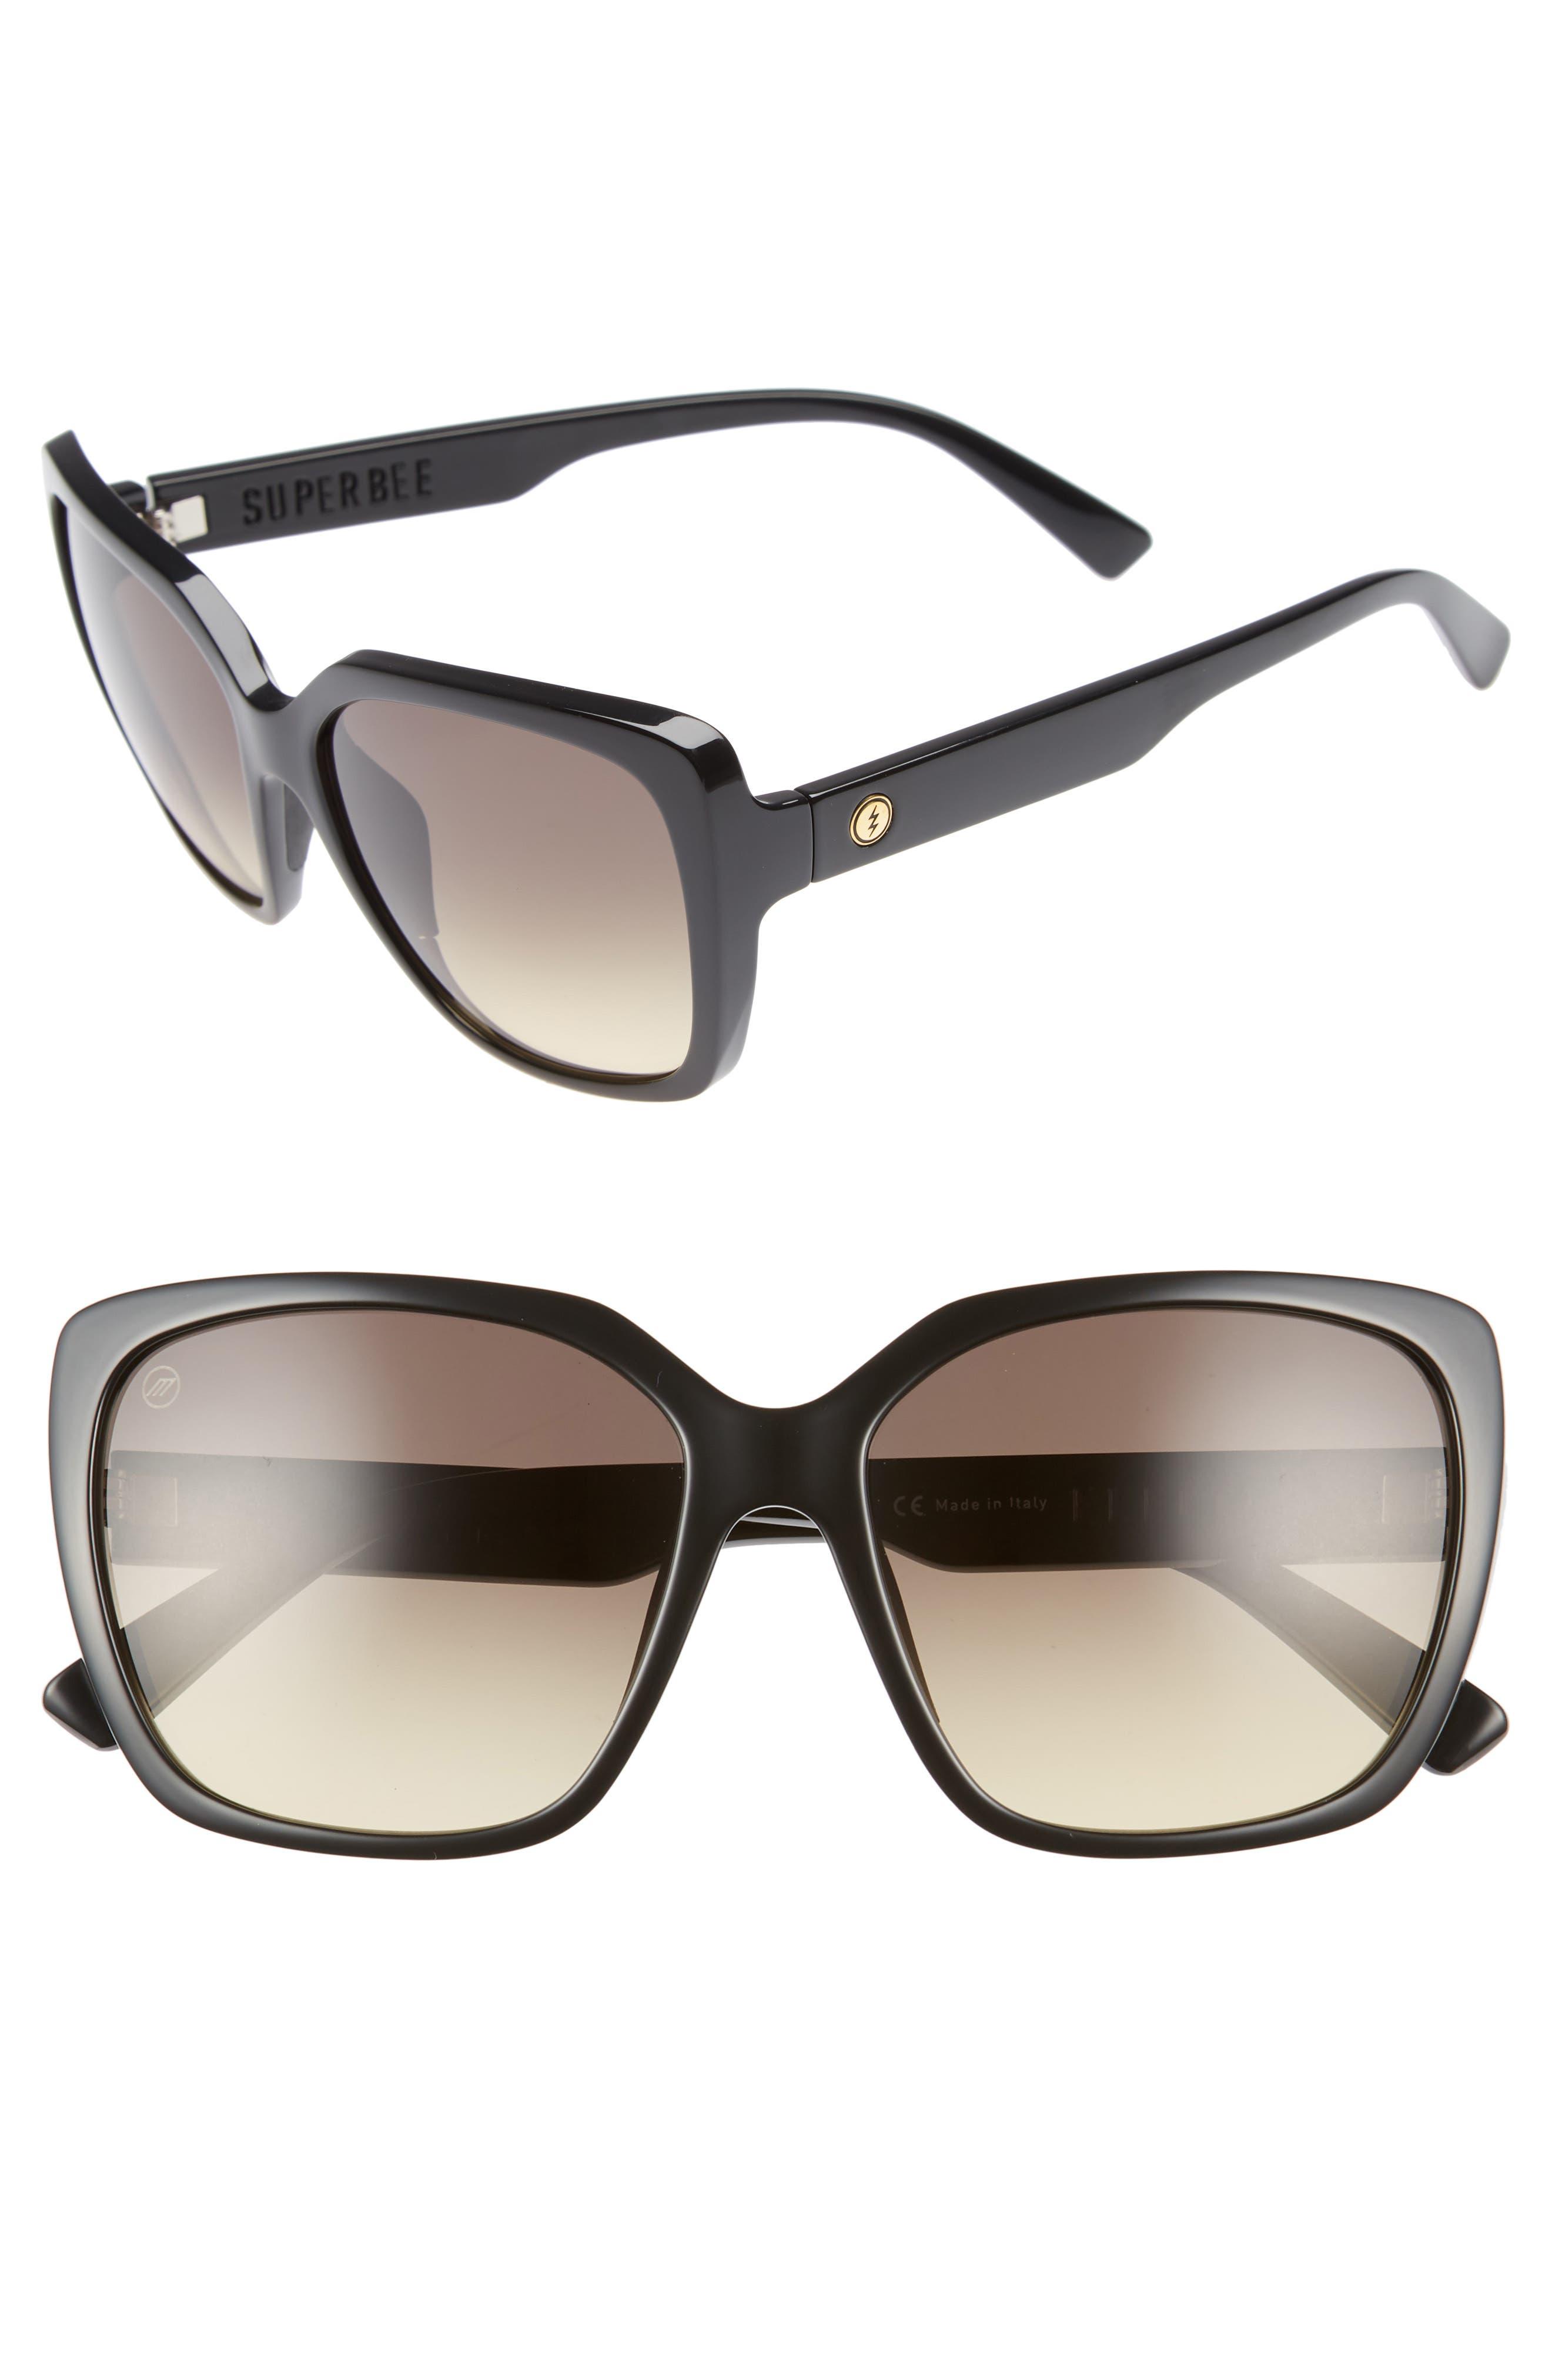 Super Bee 56mm Square Sunglasses,                         Main,                         color, 001